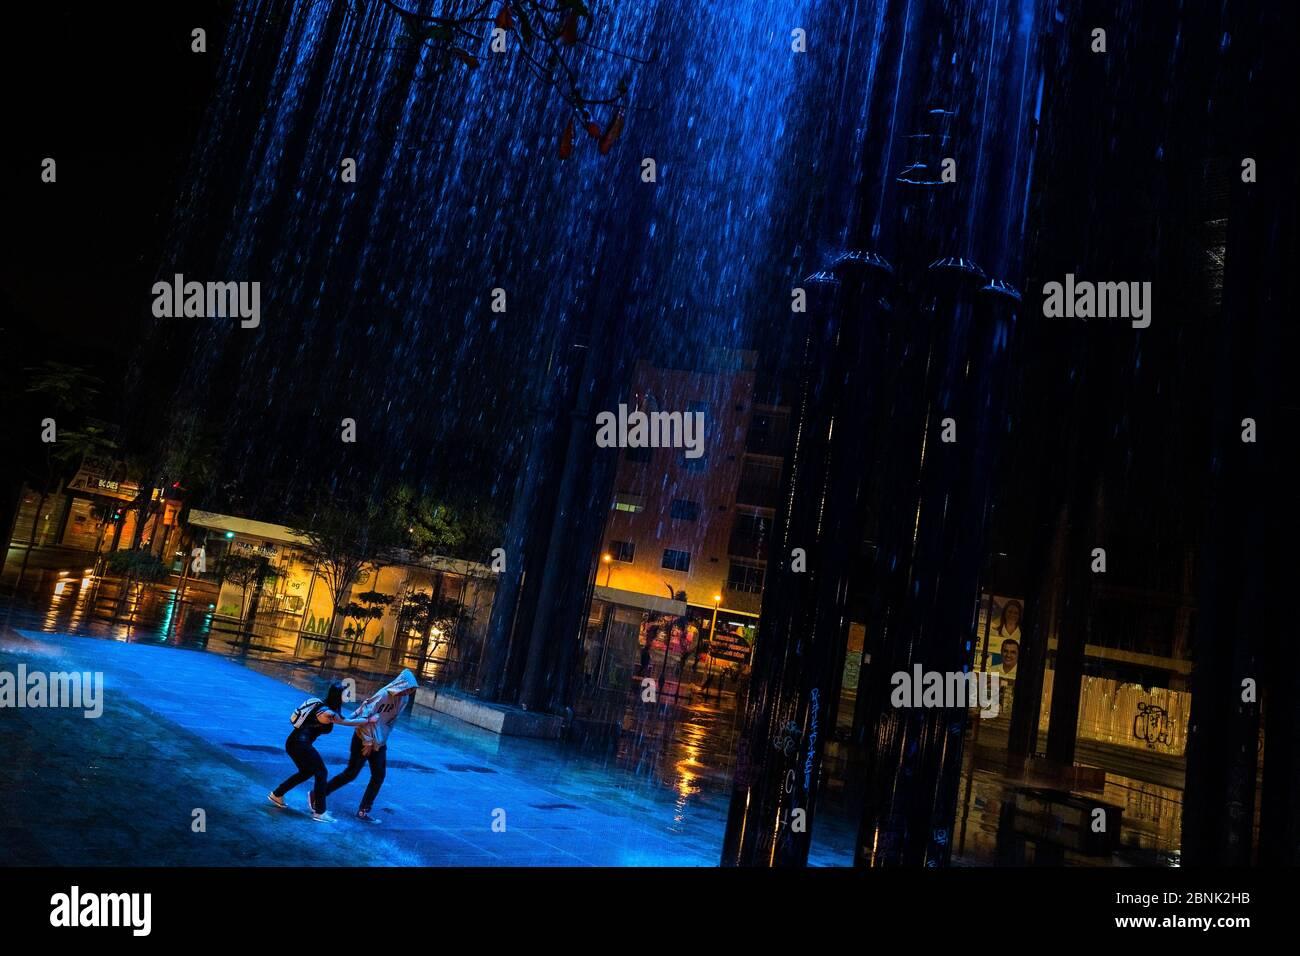 Un jeune couple colombien, se poursuivant, joue autour dans la cascade de rideau de pluie dans le parc Las Chimeneas à Itagüí, Colombie. Banque D'Images